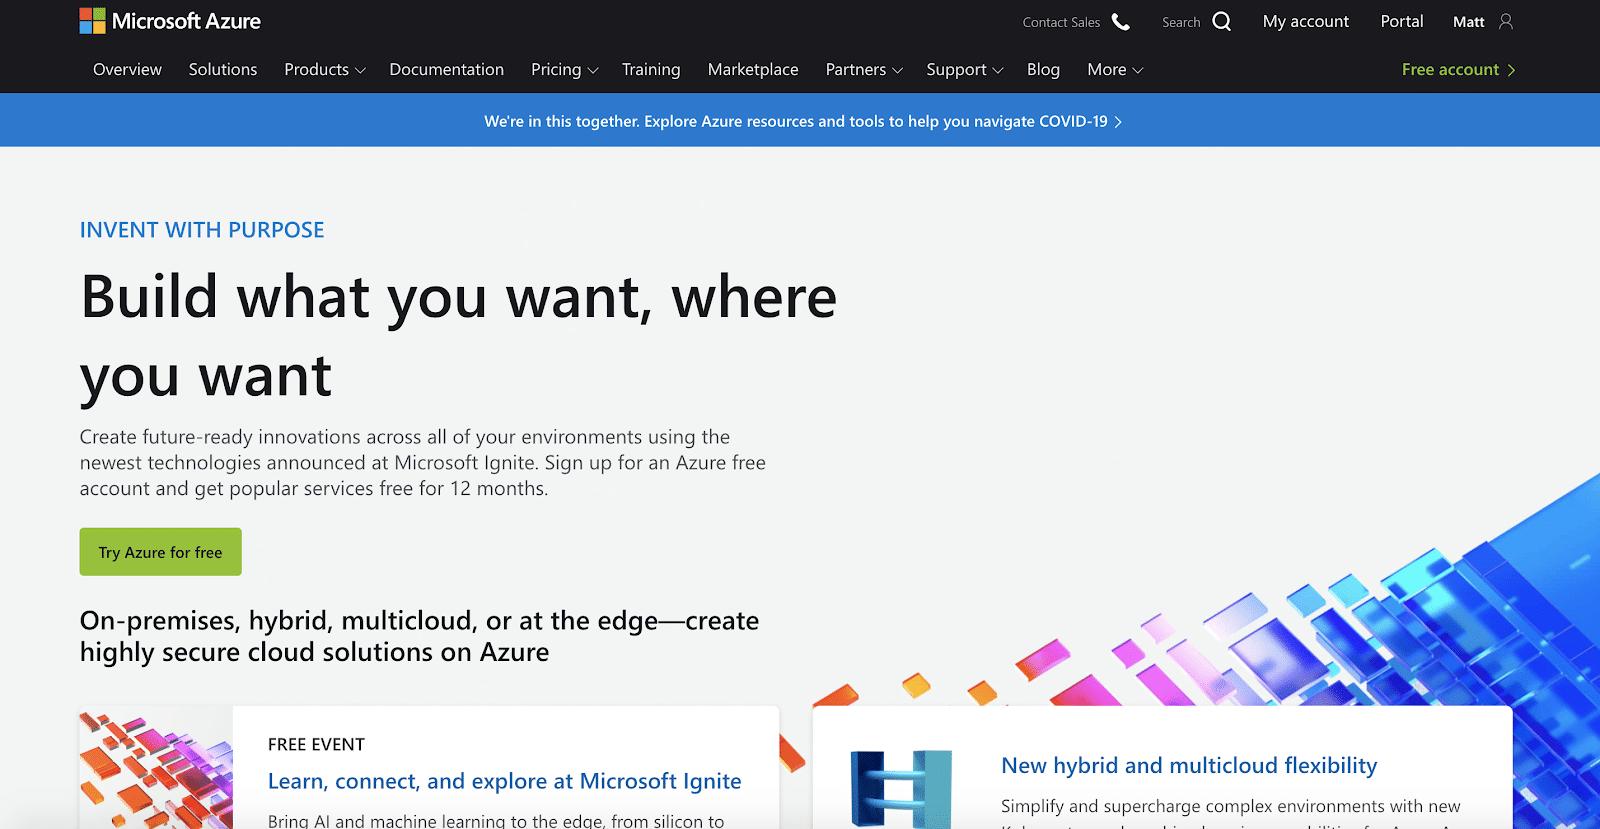 Économisez sur le coût de votre matériel serveur avec Microsoft Azure.